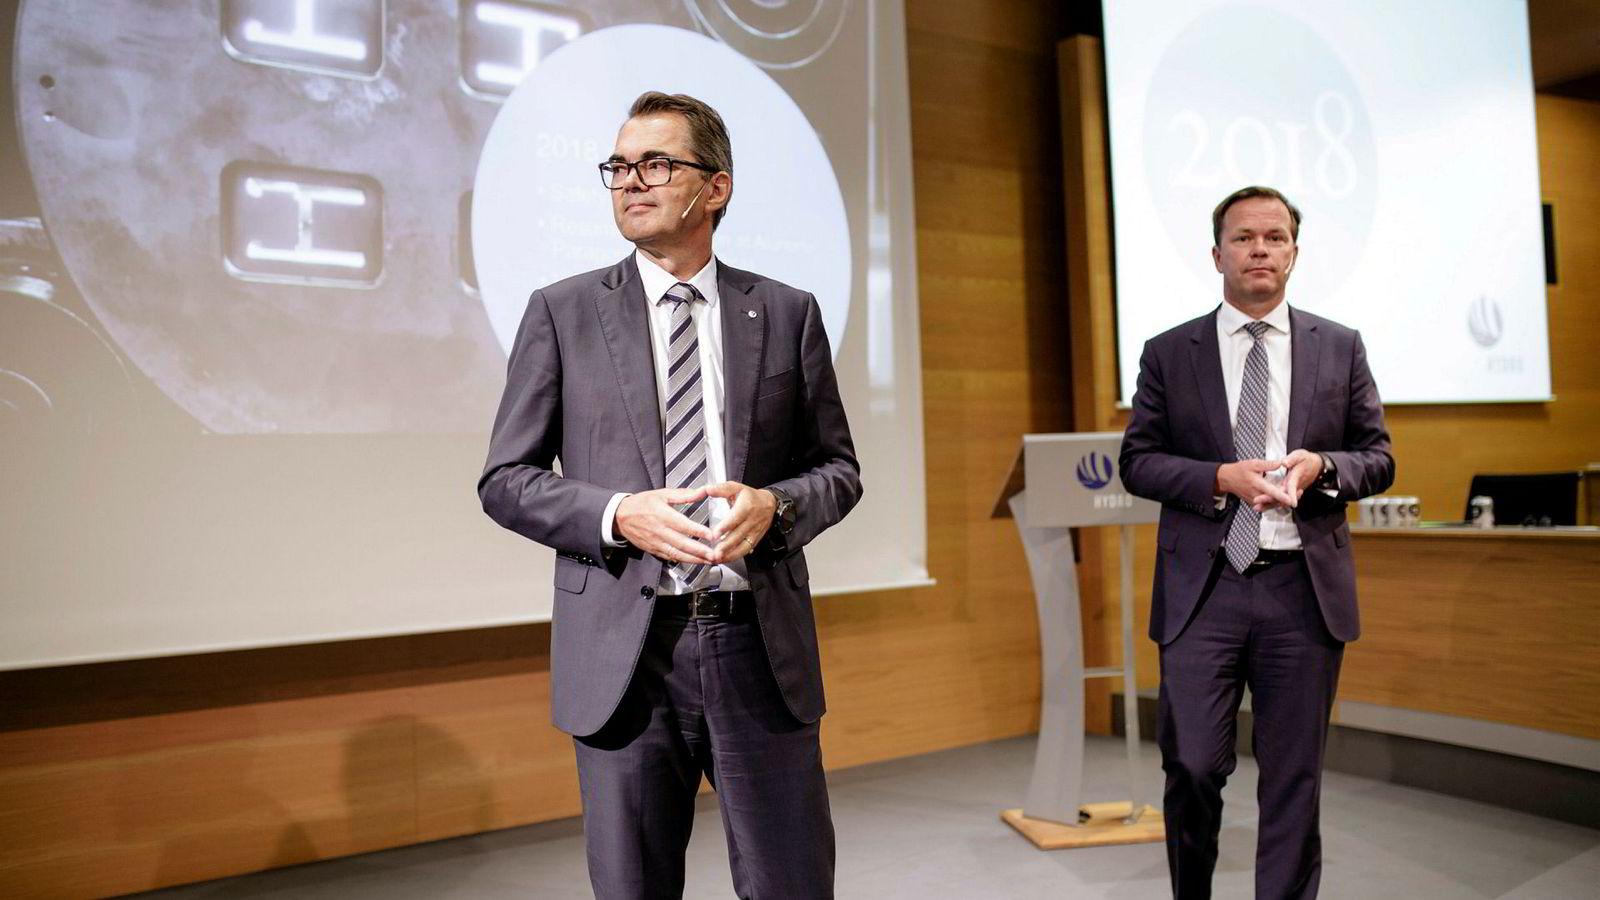 Konsernsjef i Hydro Svein Richard Brandtzæg har ønsket en ny Hydro-logo. Her sammen med konserndirektør Eivind Kallevik, som i år har fått mye av ansvaret med å rydde opp i selskapets miljøproblemer i Brasil.